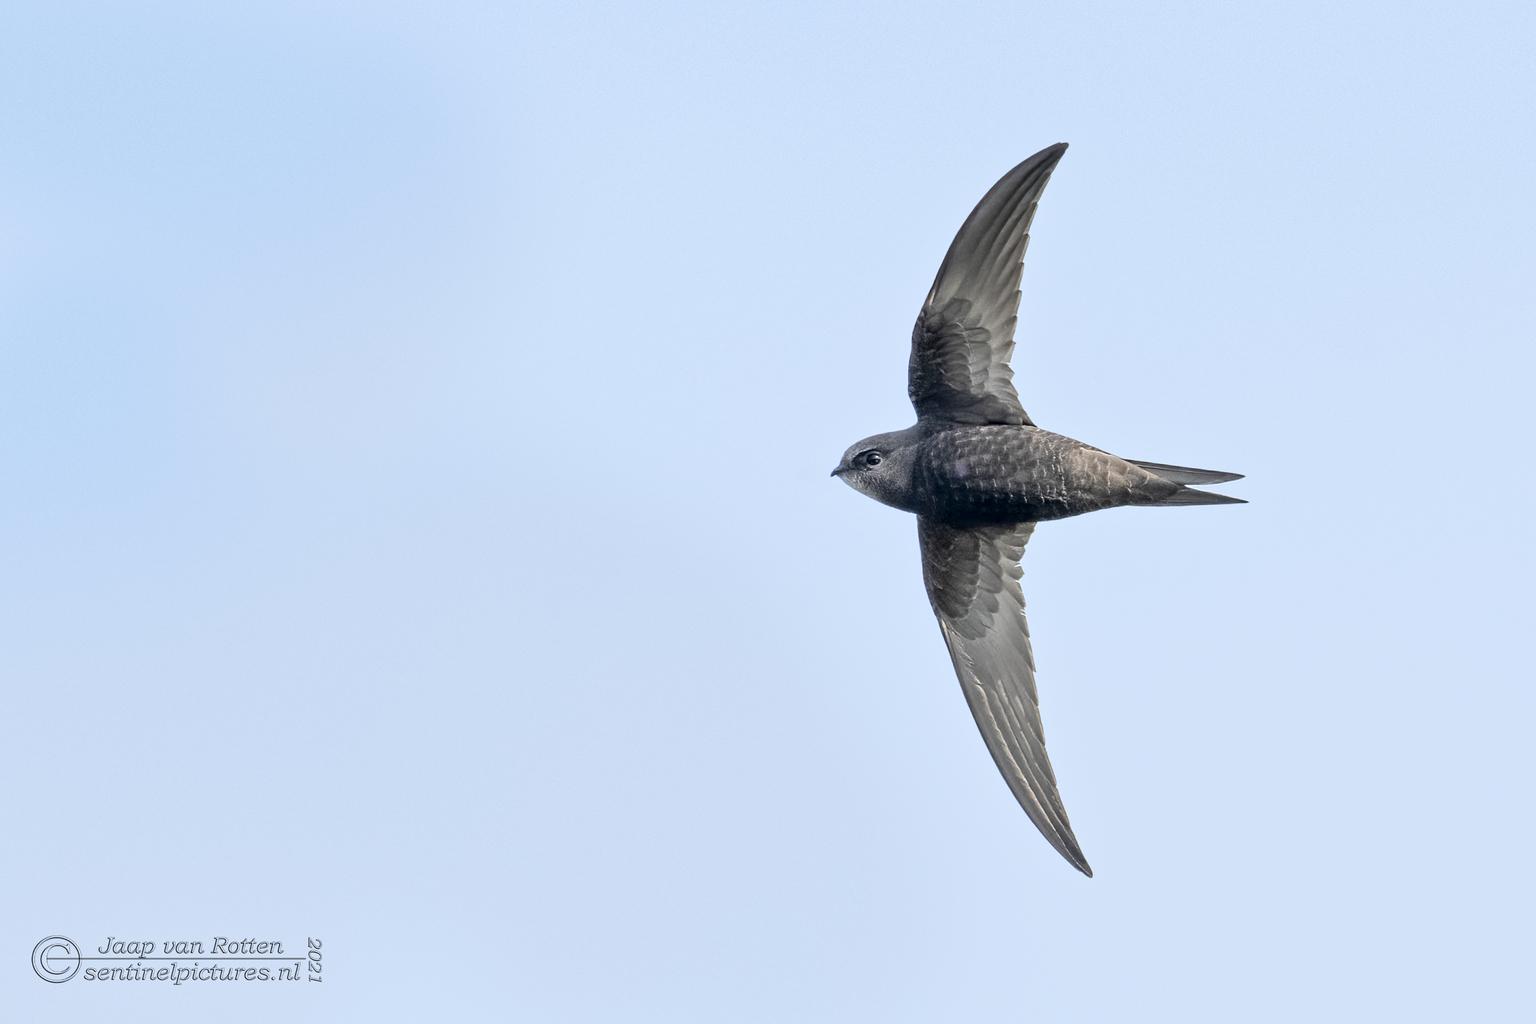 Ze gieren voorbij - Ze zijn er weer, de gierzwaluwen die met hun sikkelvormige vleugels met een noodgang voorbij razen, op zoek naar insecten. Het is altijd weer een uit - foto door Jaap-van-Rotten op 04-05-2021 - locatie: Esumakeech, 9976 VT Ee, Nederland - deze foto bevat: lucht, vogel, bek, vleugel, staart, zeevogel, charadriiformes, vlucht, dieren in het wild, balans